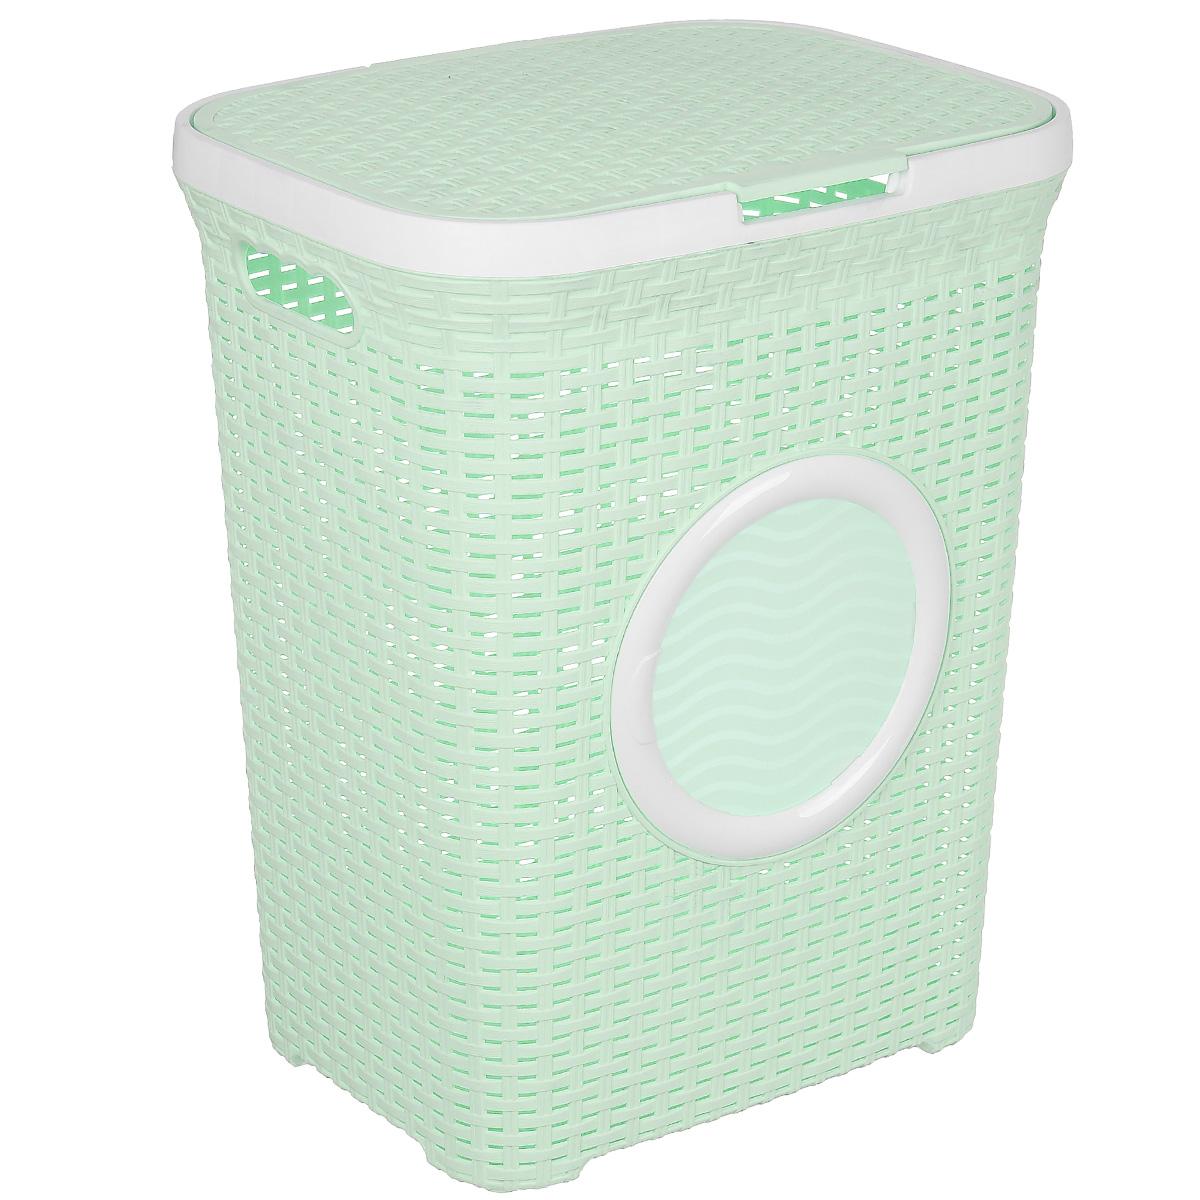 Корзина для белья ВиолетПласт, с крышкой, цвет: зеленый, белый, 60 л1861/18Вместительная корзина для белья Violet изготовлена из прочного цветного пластика и декорирована отверстием в виде иллюминатора. Она отлично подойдет для хранения белья перед стиркой. Специальные отверстия на стенках создают идеальные условия для проветривания. Изделие оснащено крышкой и двумя эргономичными ручками для переноски. Такая корзина для белья прекрасно впишется в интерьер ванной комнаты.